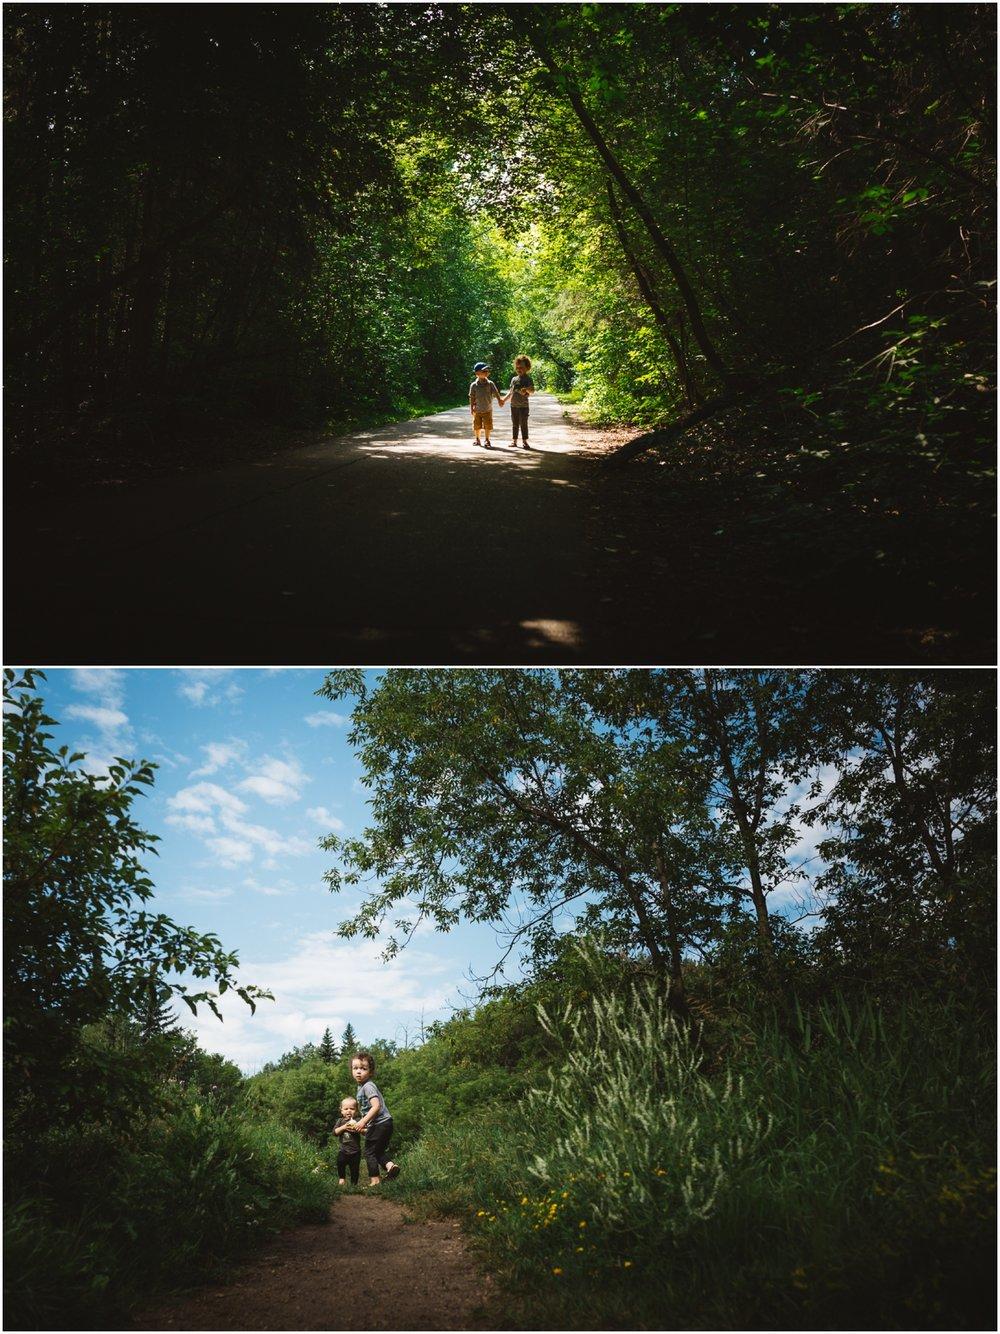 Edmonton Child Photographer - Best of 2016 - Mill Creek Ravine - YEG - Summer - Best friends - Brothers